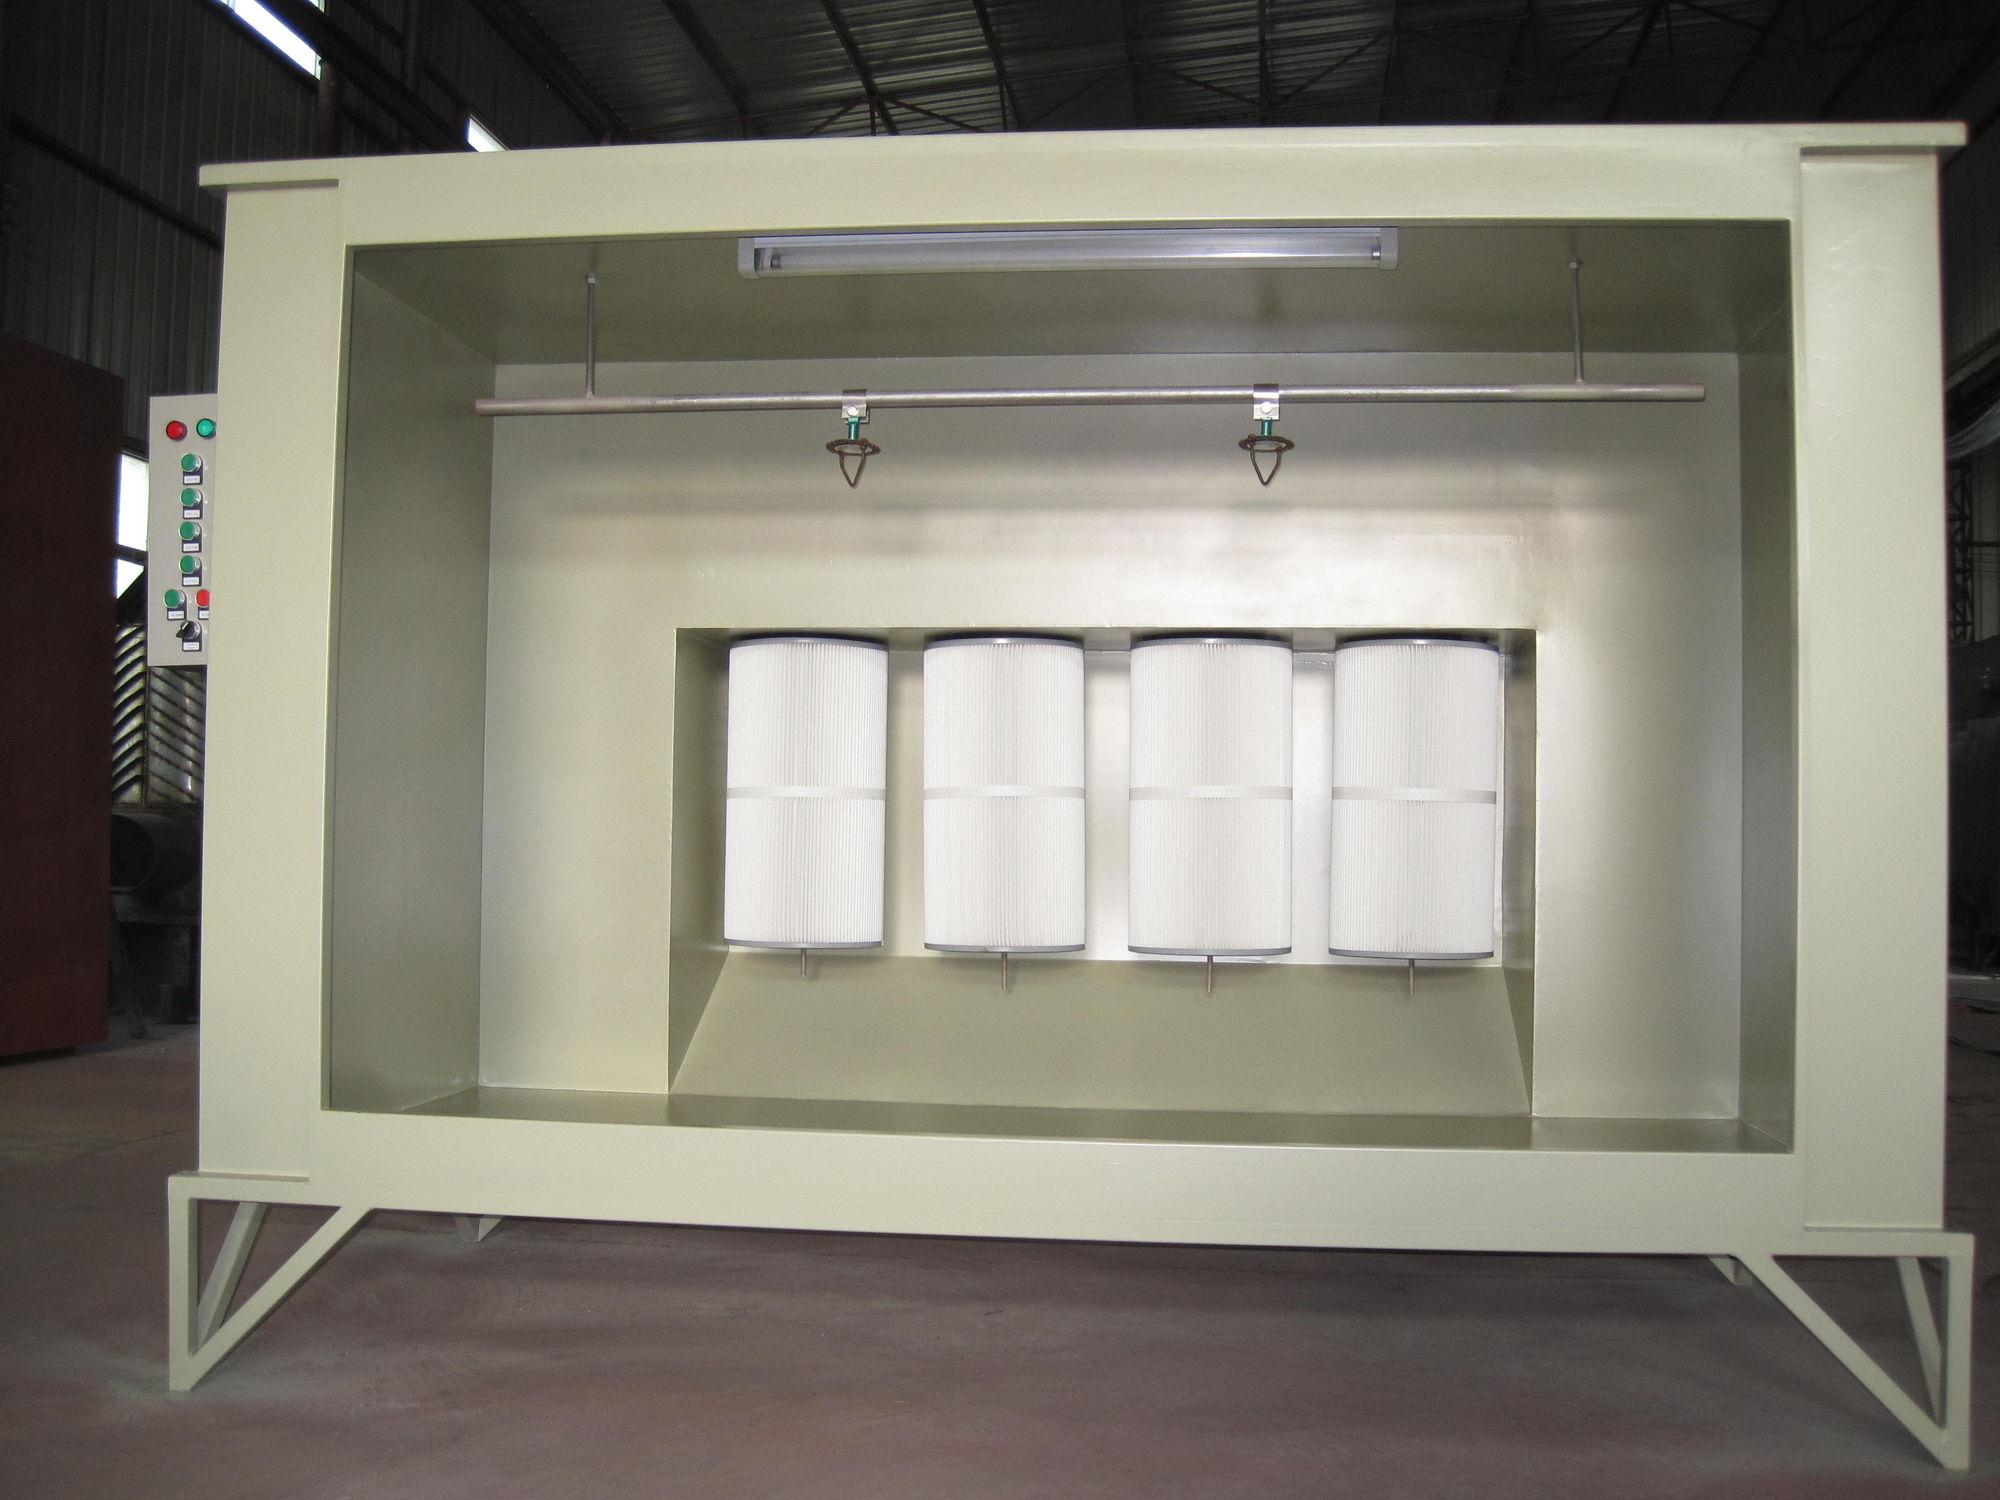 Vernice Per Cabina Armadio : Cabina di verniciatura a polvere con filtro manuale hangzhou